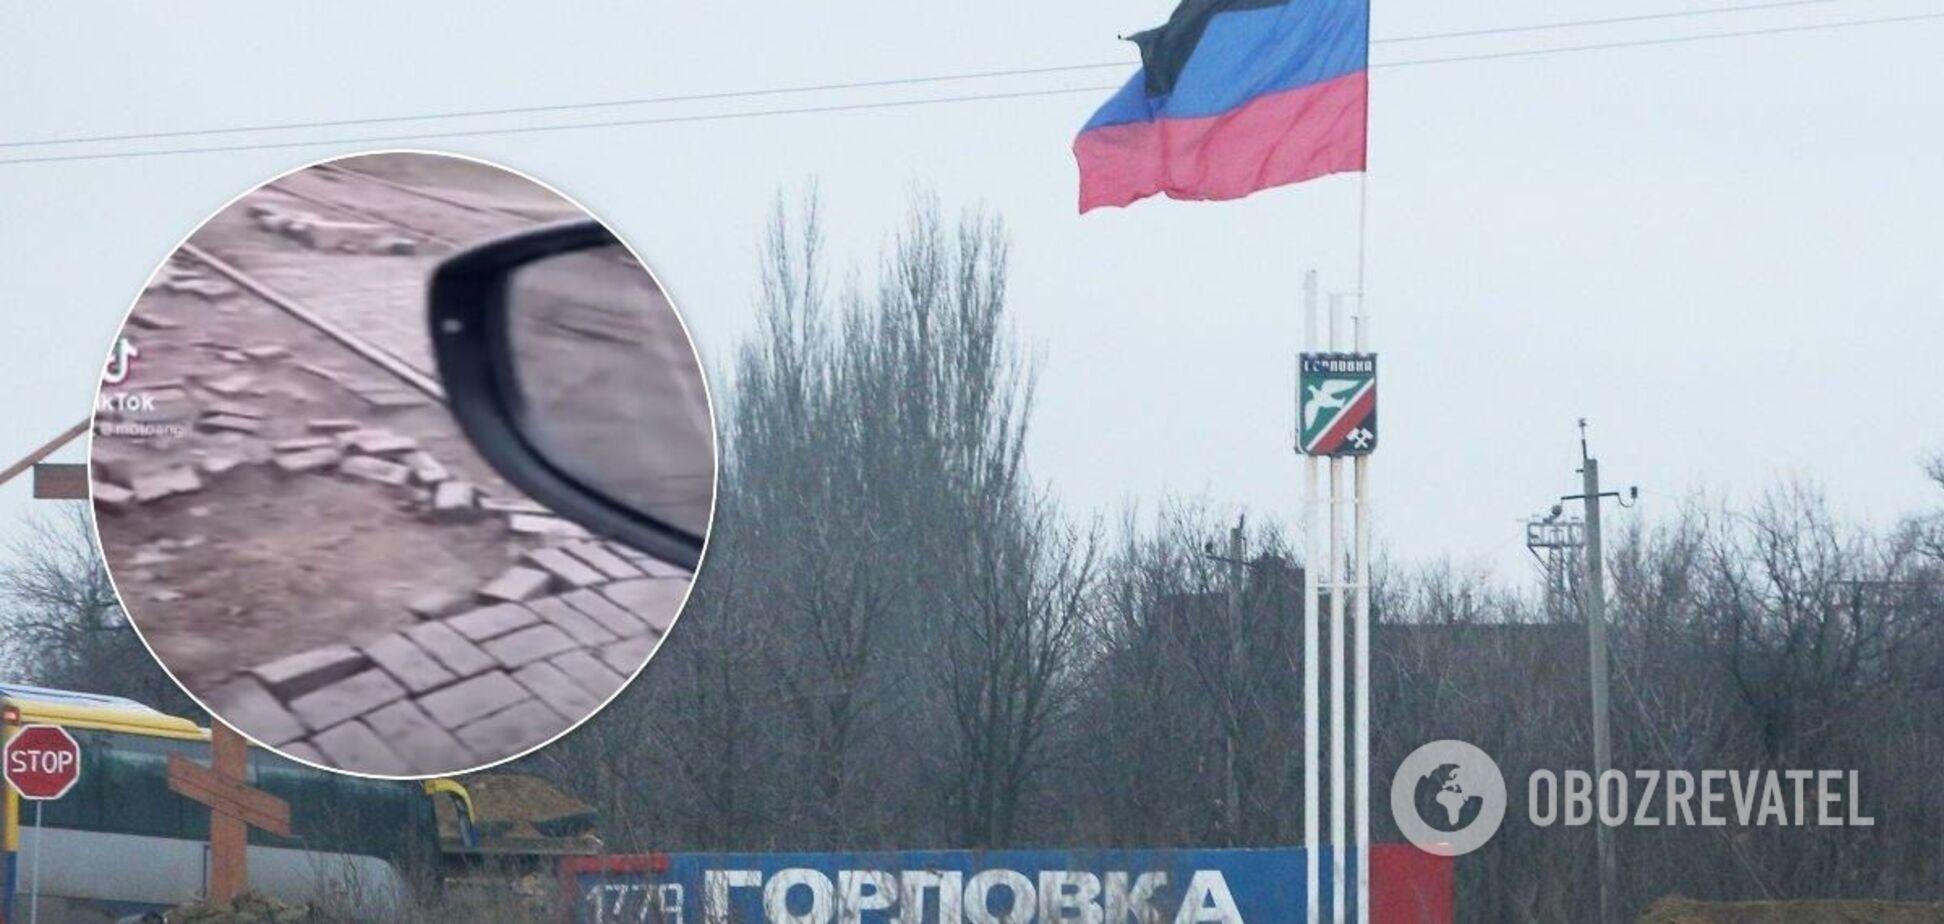 Жительница 'ДНР' показала 'кромешный ад' в Горловке. Видео 18+